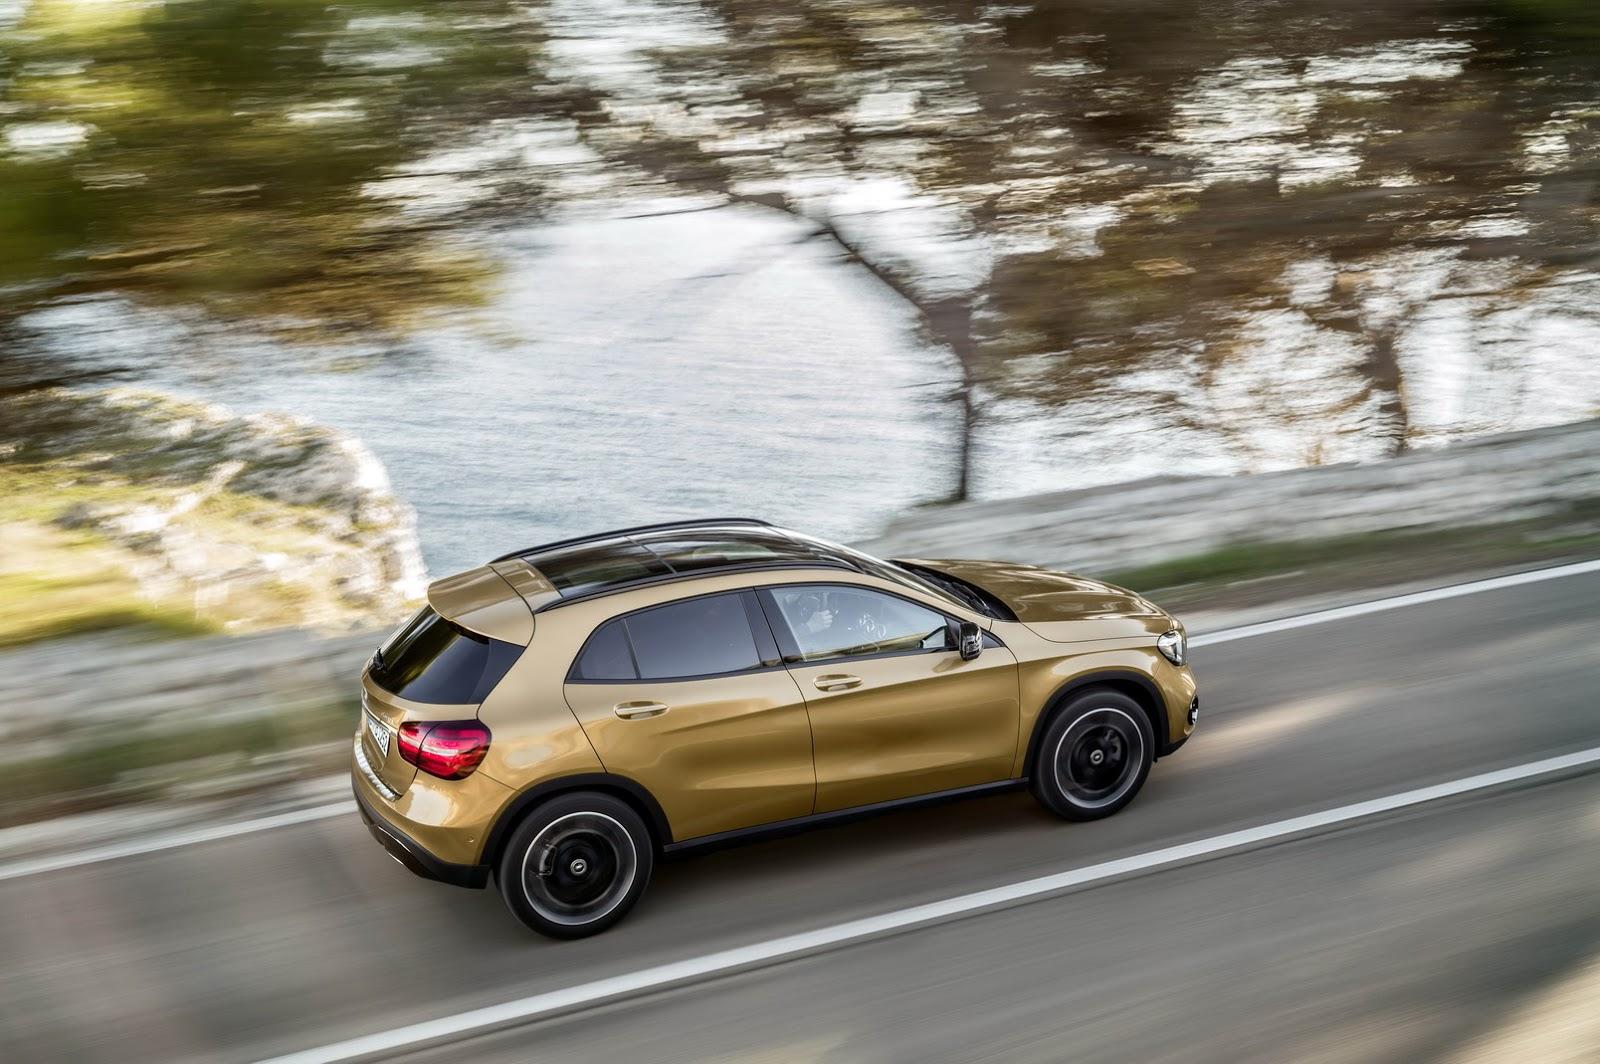 Mercedes GLA facelift and GLA 45 AMG facelift 2017 (31)